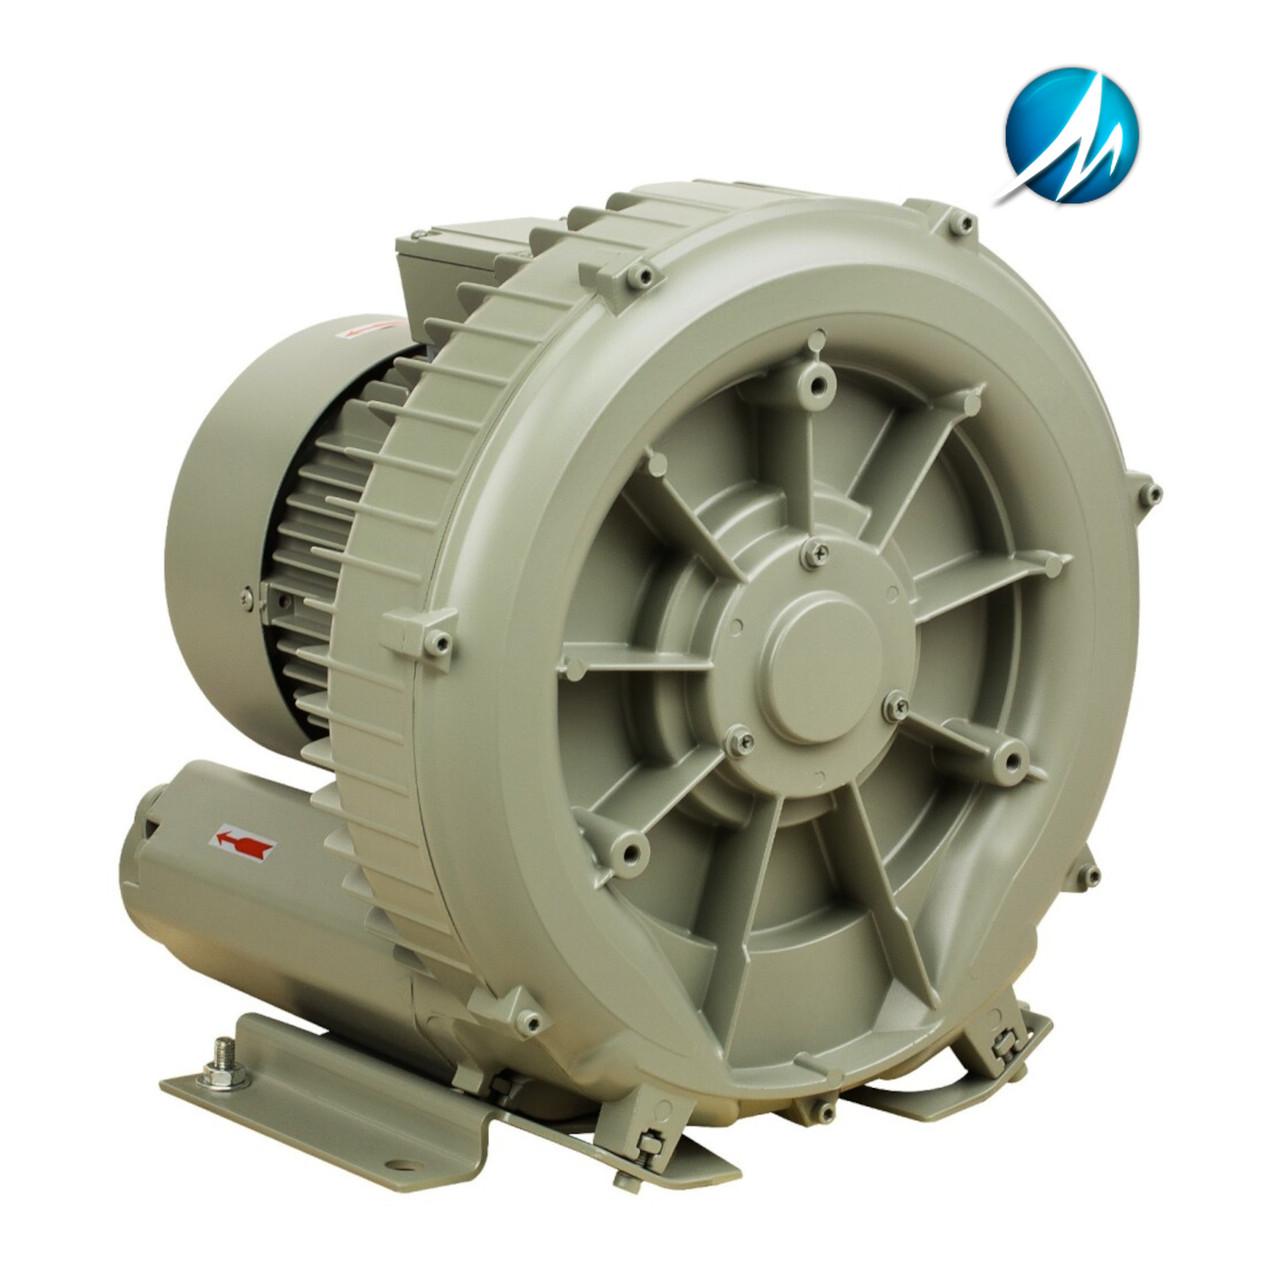 Одноступенчатый компрессор Grino Rotamik SKH 251Т1.В (216 м3/ч, 380В)